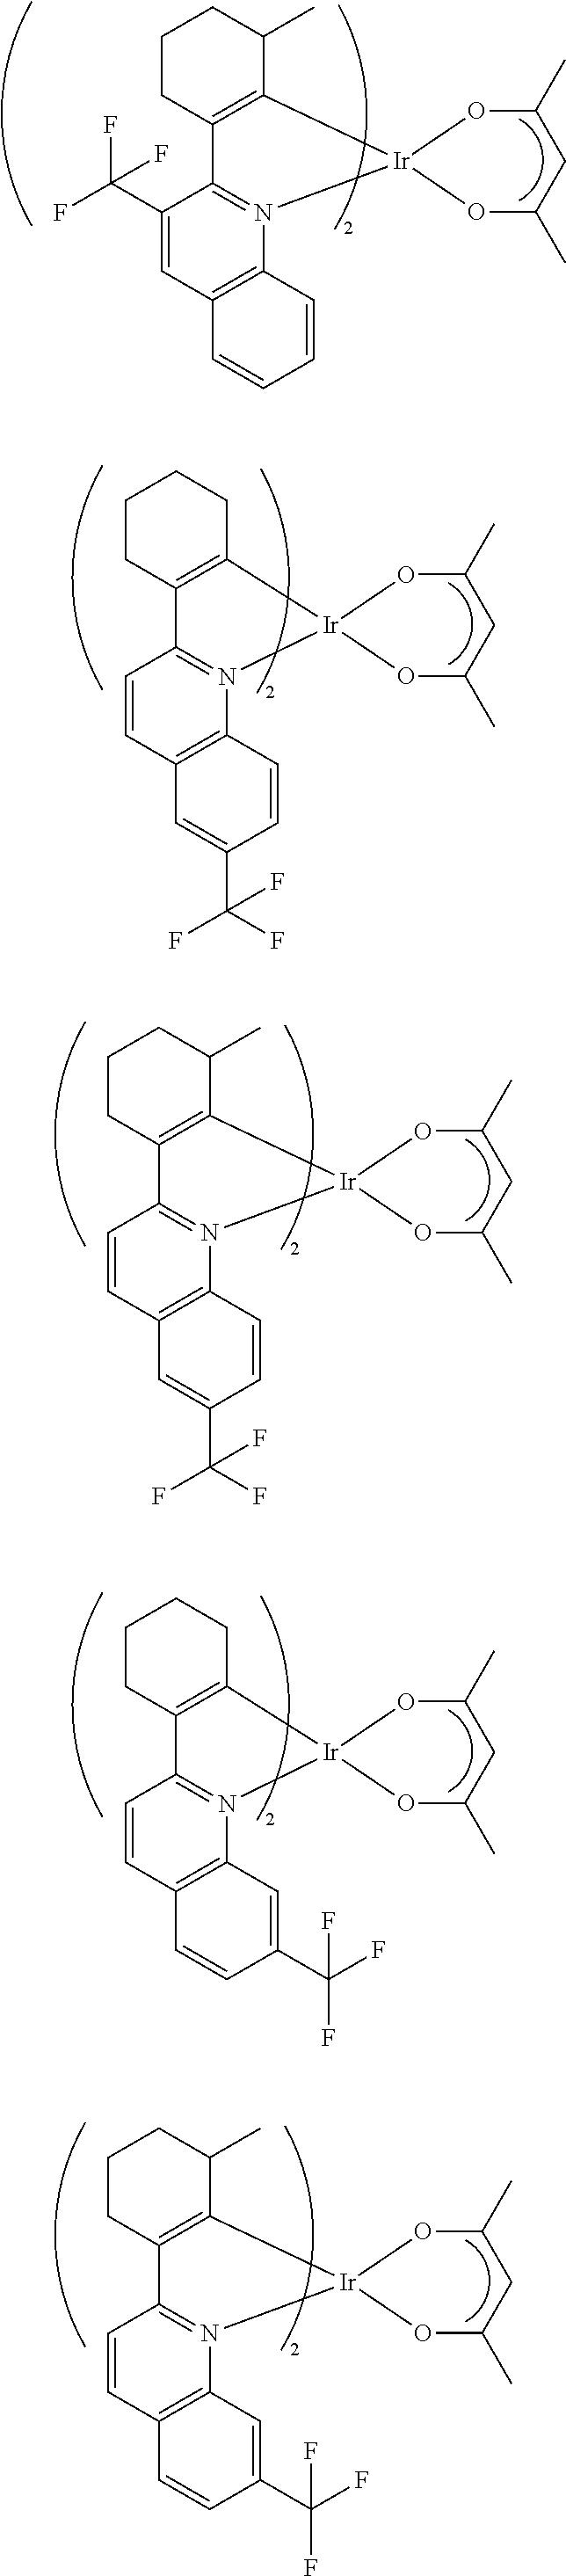 Figure US09324958-20160426-C00064